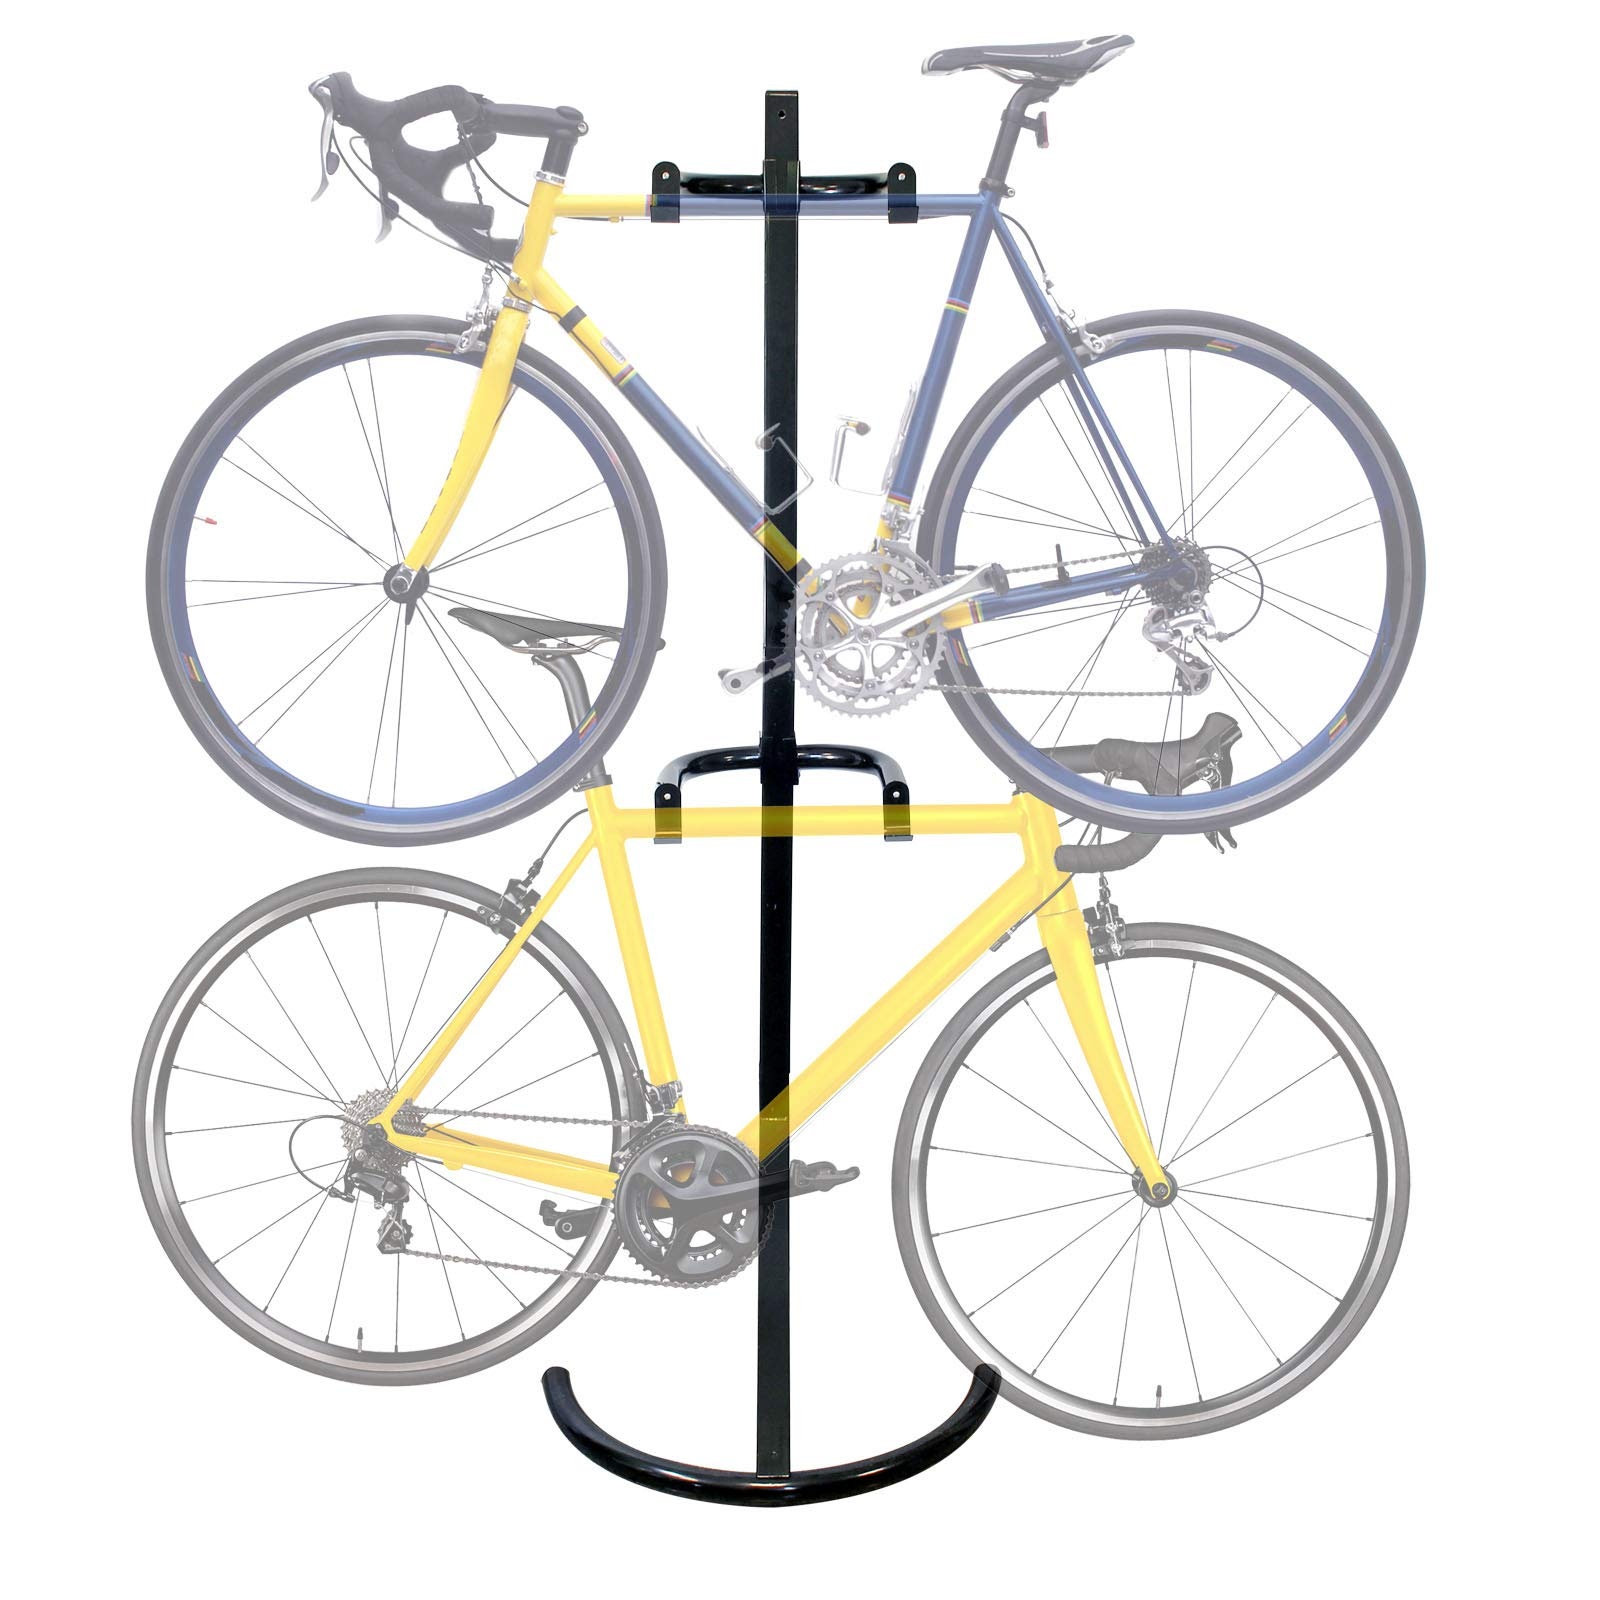 WilTec Soporte 2 Bicicletas hasta 90kg Sistema de Colgar con Brazos de sujeción Soporte bicis por Gravedad: Amazon.es: Jardín